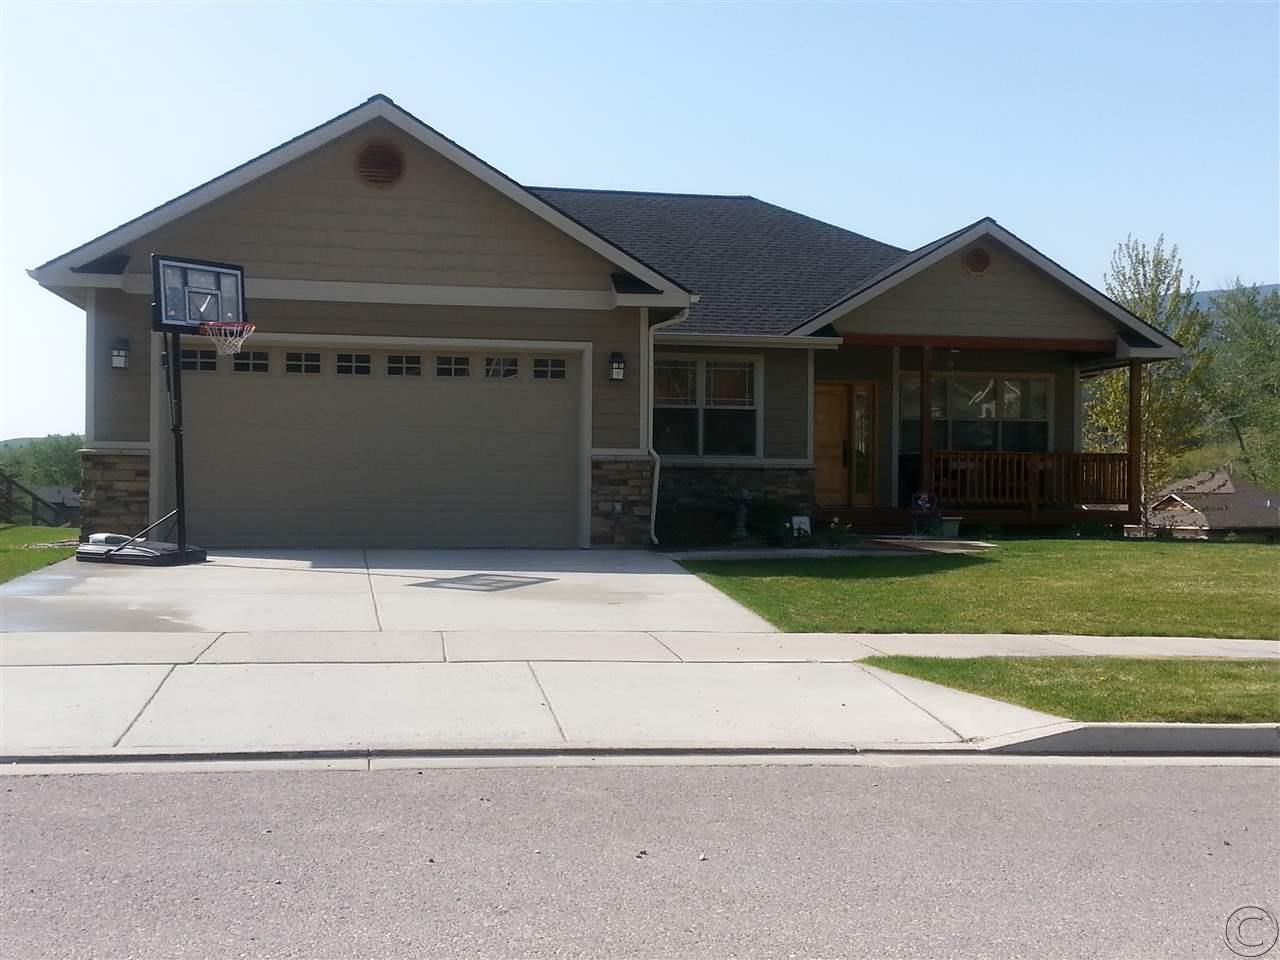 Real Estate for Sale, ListingId: 33329856, Lolo,MT59847